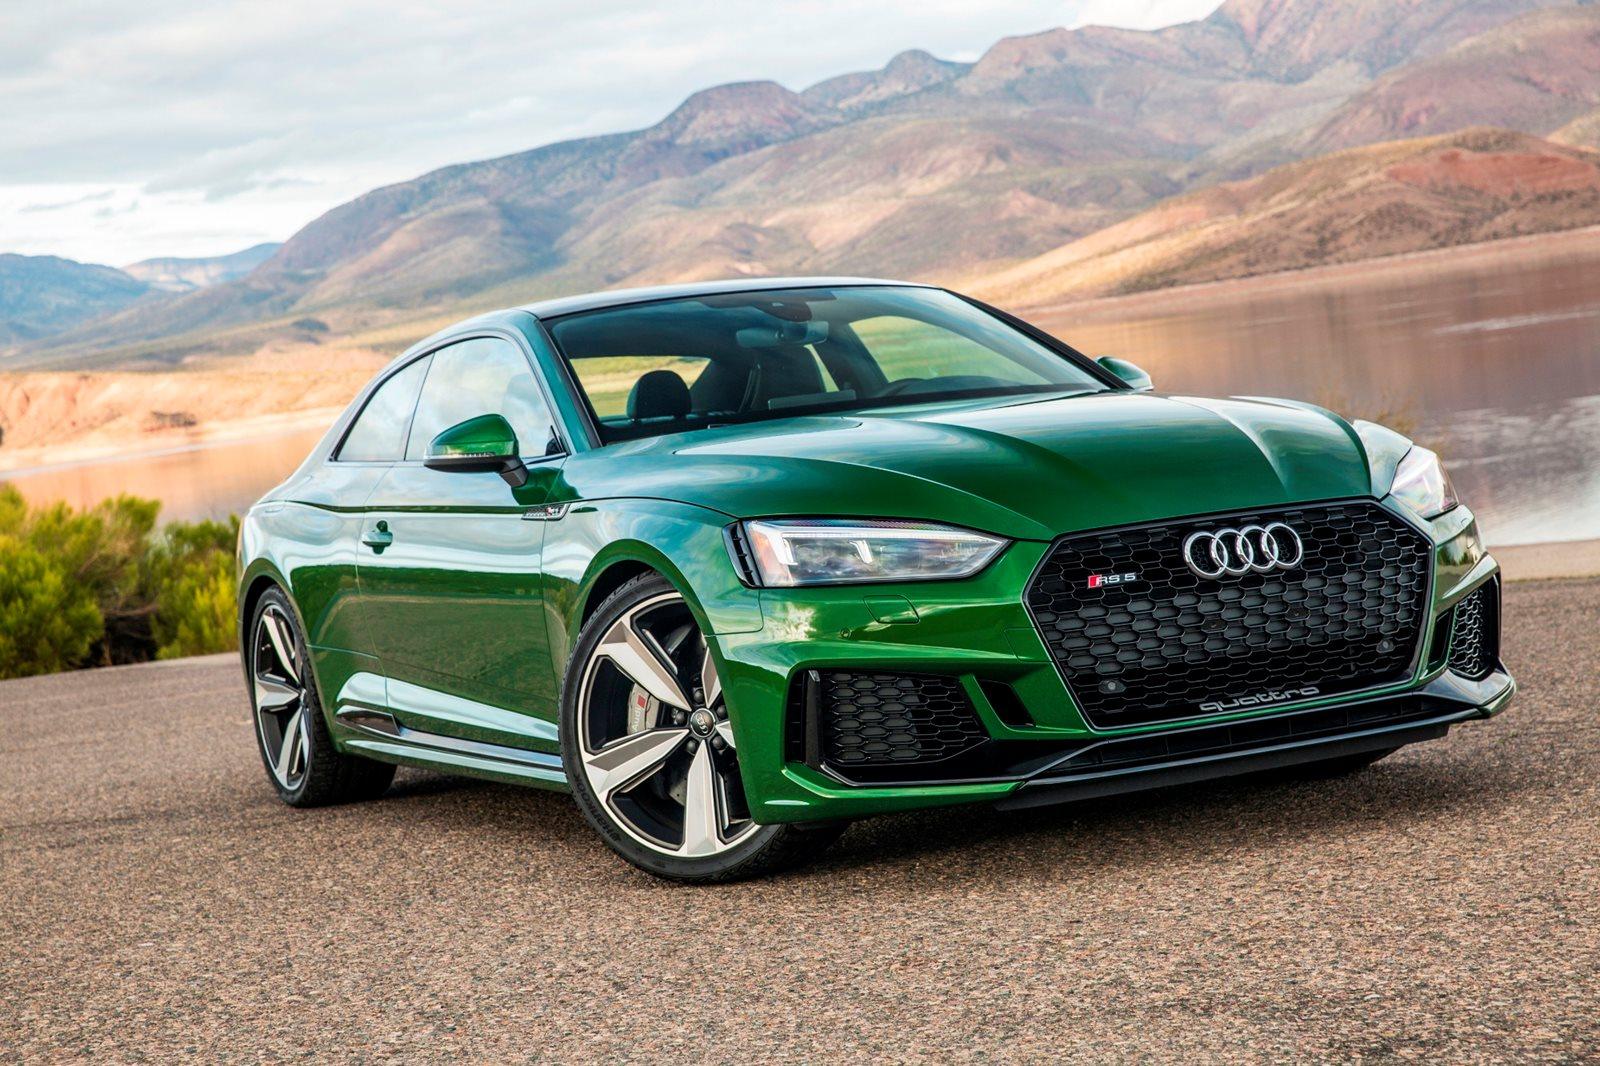 Kelebihan Kekurangan Audi R5 Perbandingan Harga